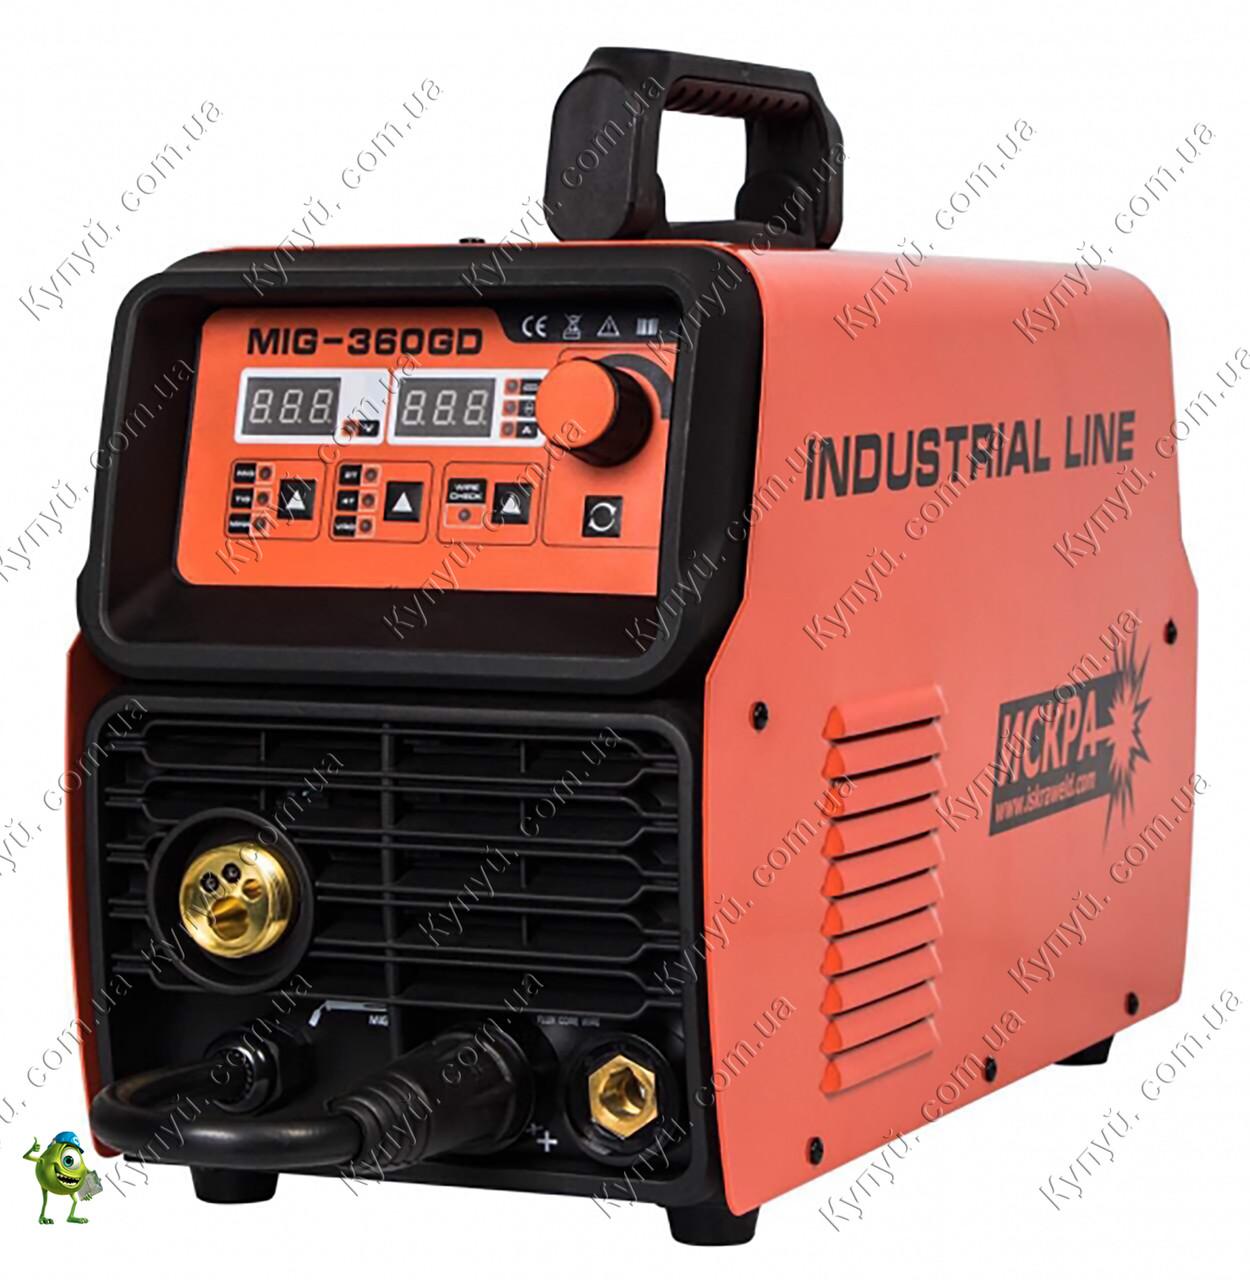 Сварочный инвертор полуавтомат Искра MIG-360GD Industrial line